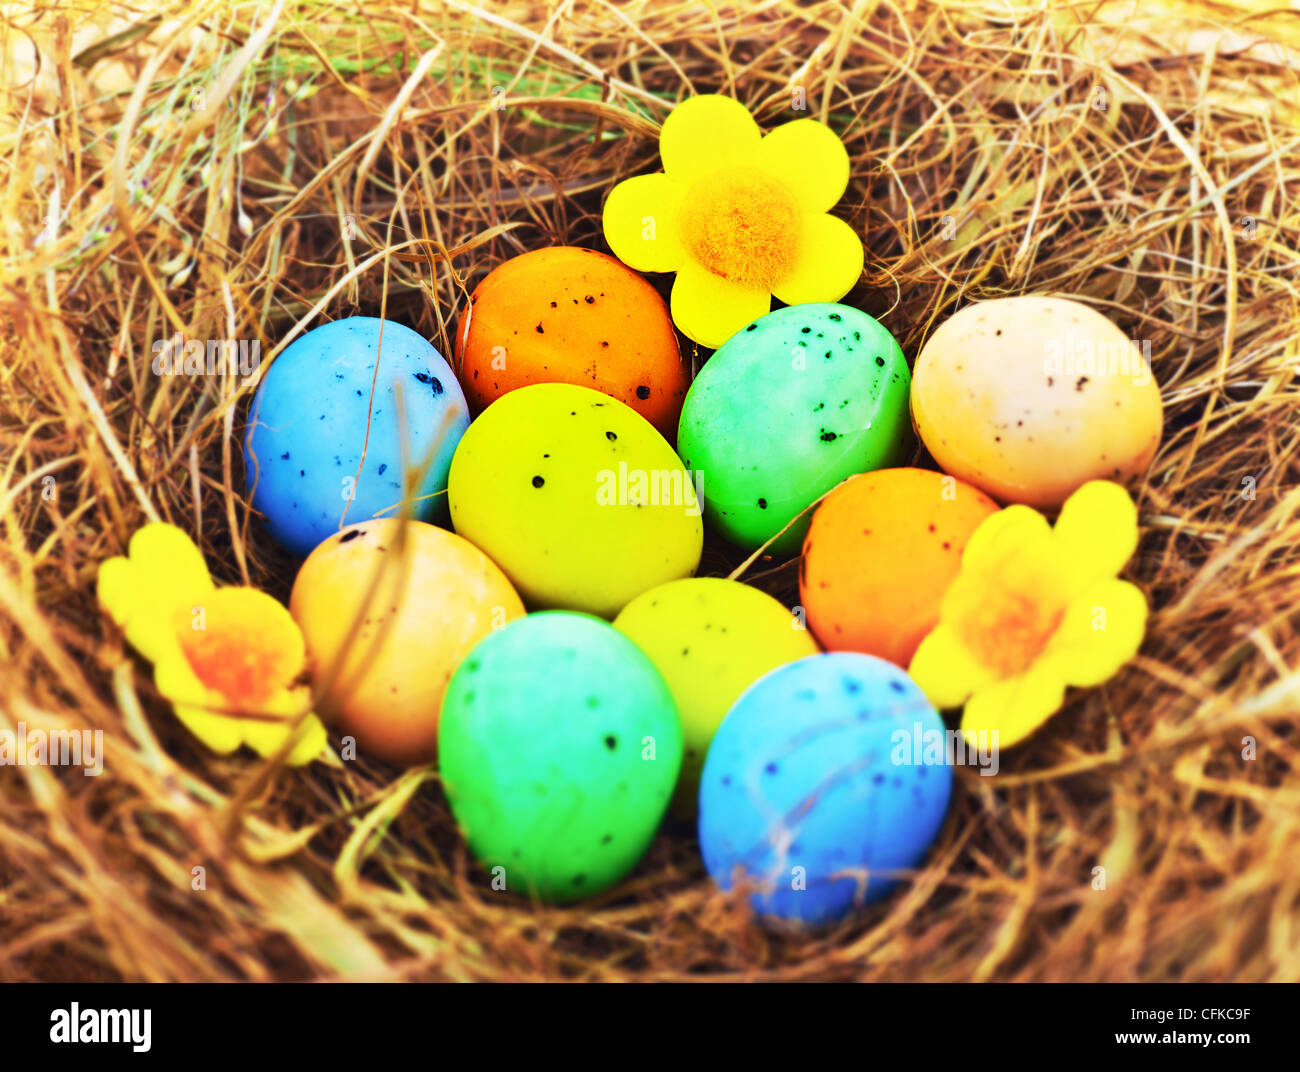 Oeufs colorés de Pâques avec de l'herbe sèche dans le nid, la nourriture traditionnelle fête Photo Stock